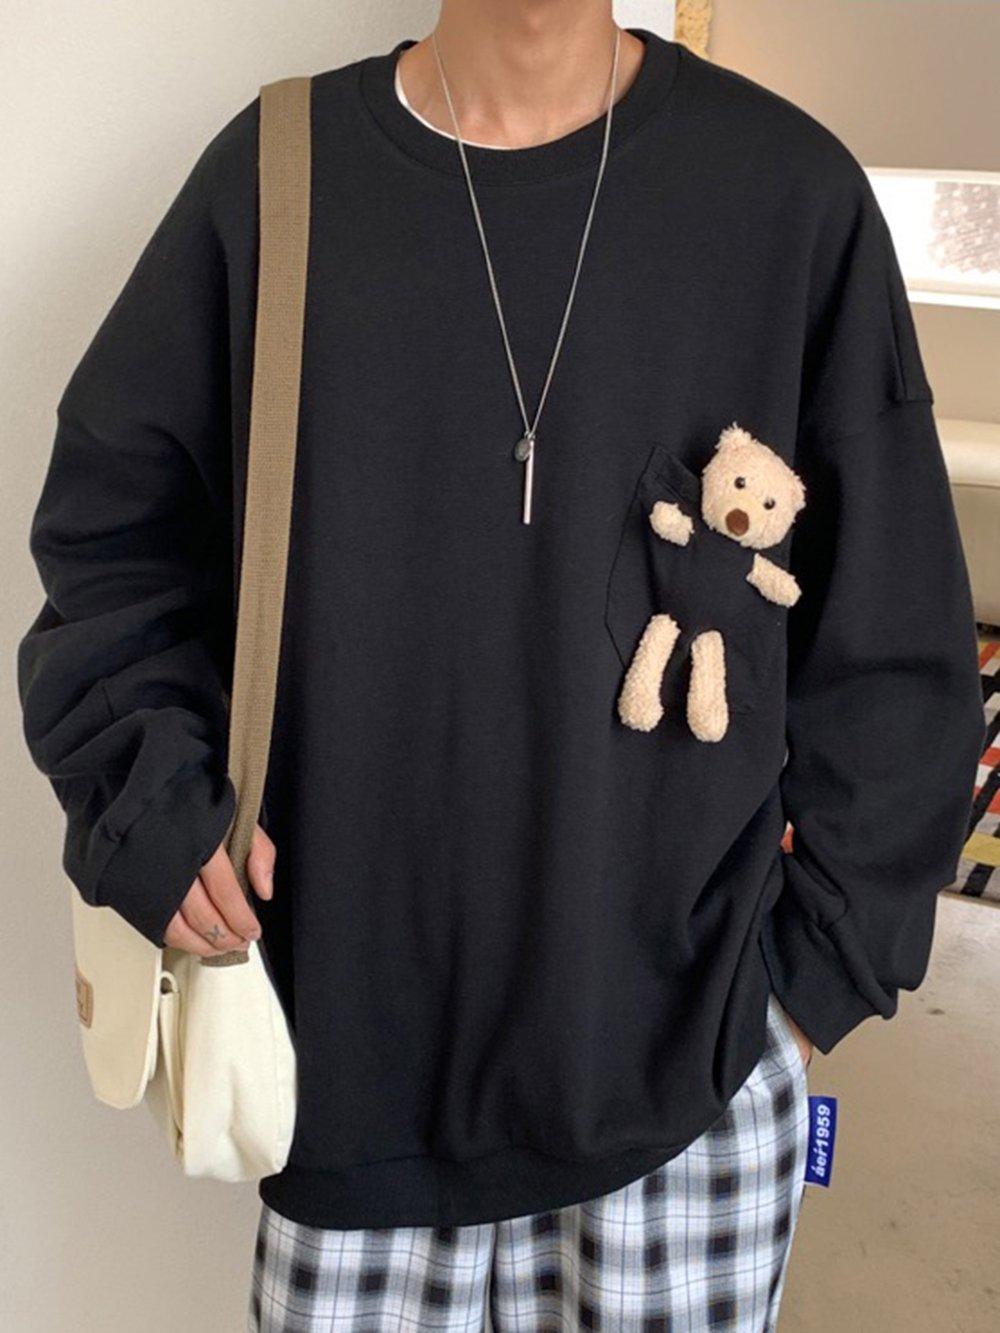 【広州仕入れ】クマ人形ポケット付きトレーナー